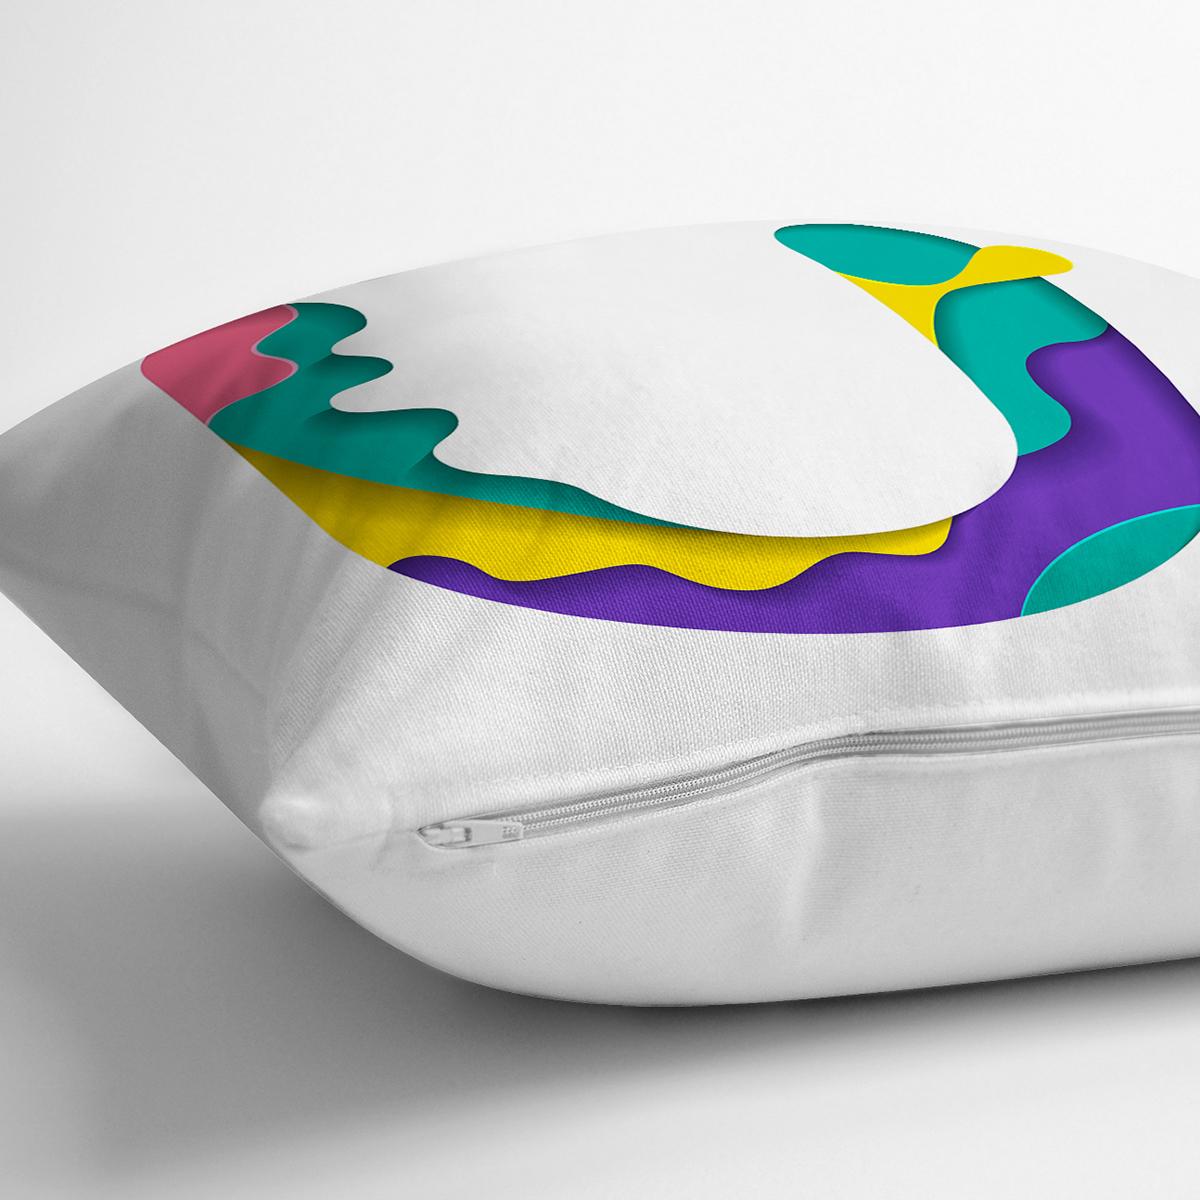 Beyaz Zemin Renkli U Harfli Özel Tasarım Dijital Baskılı Yastık Kırlent Kılıfı Realhomes